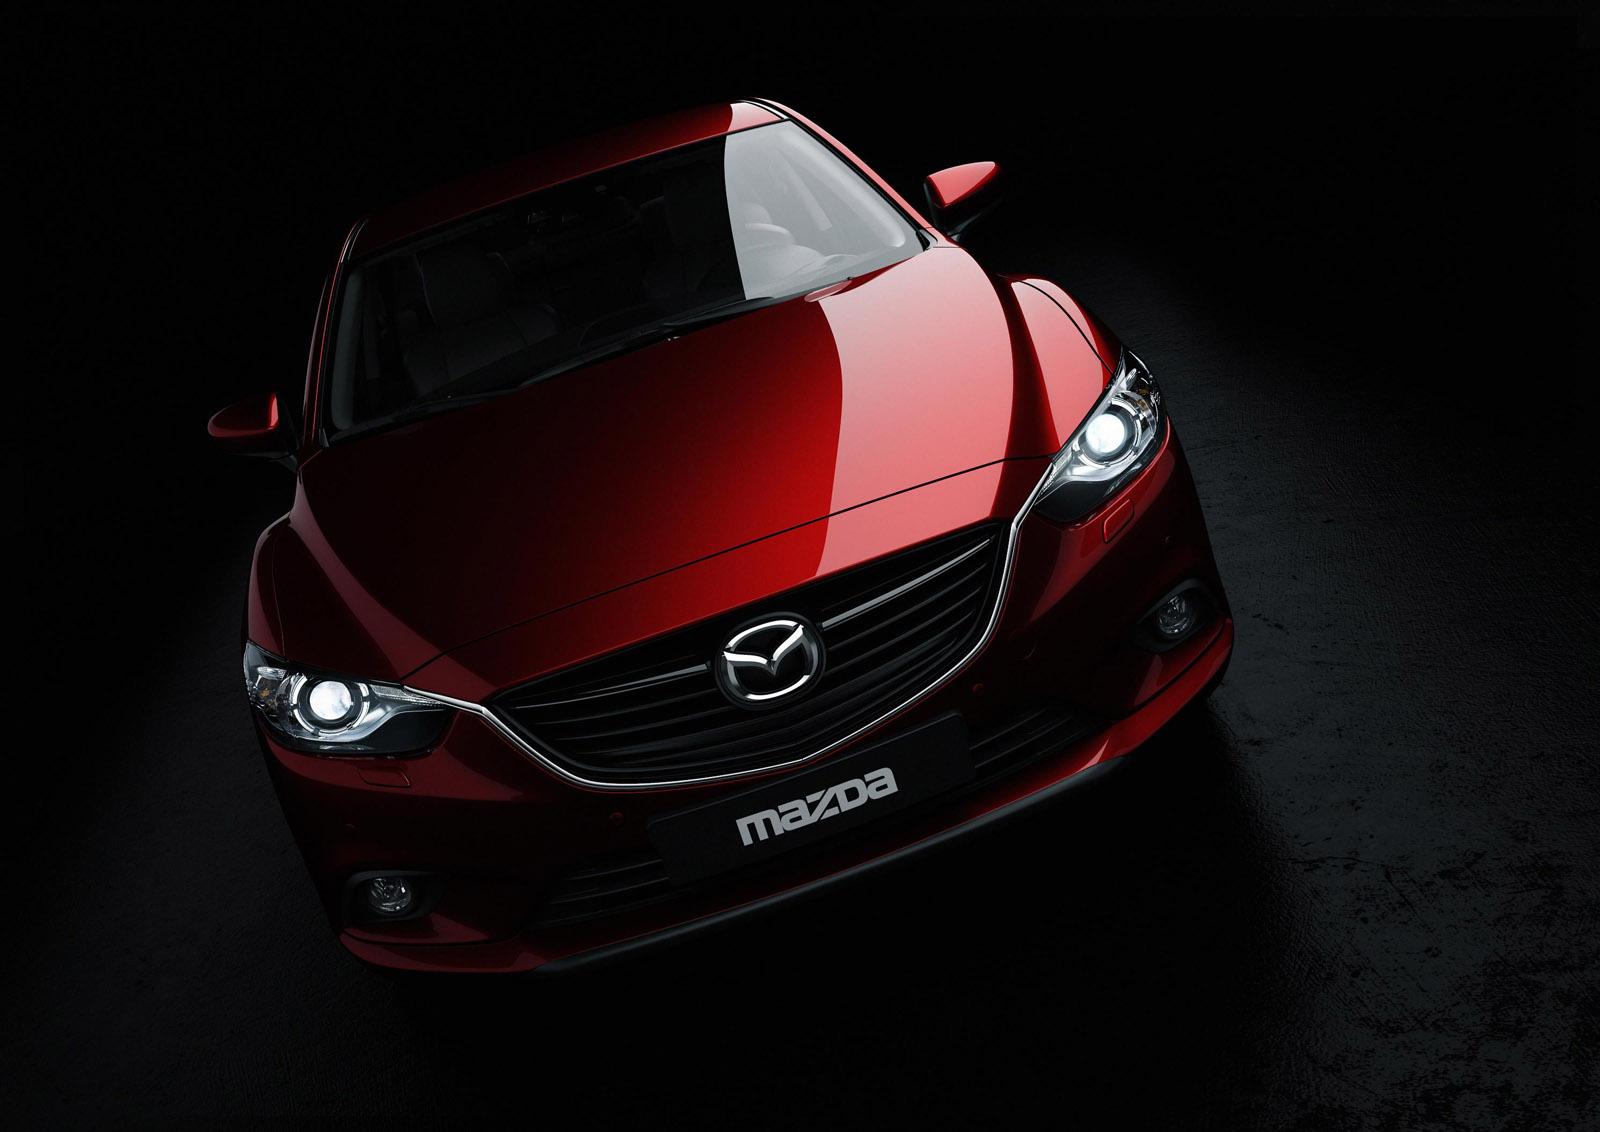 1908_588638_Mazda6_Sedan_2012_still_06